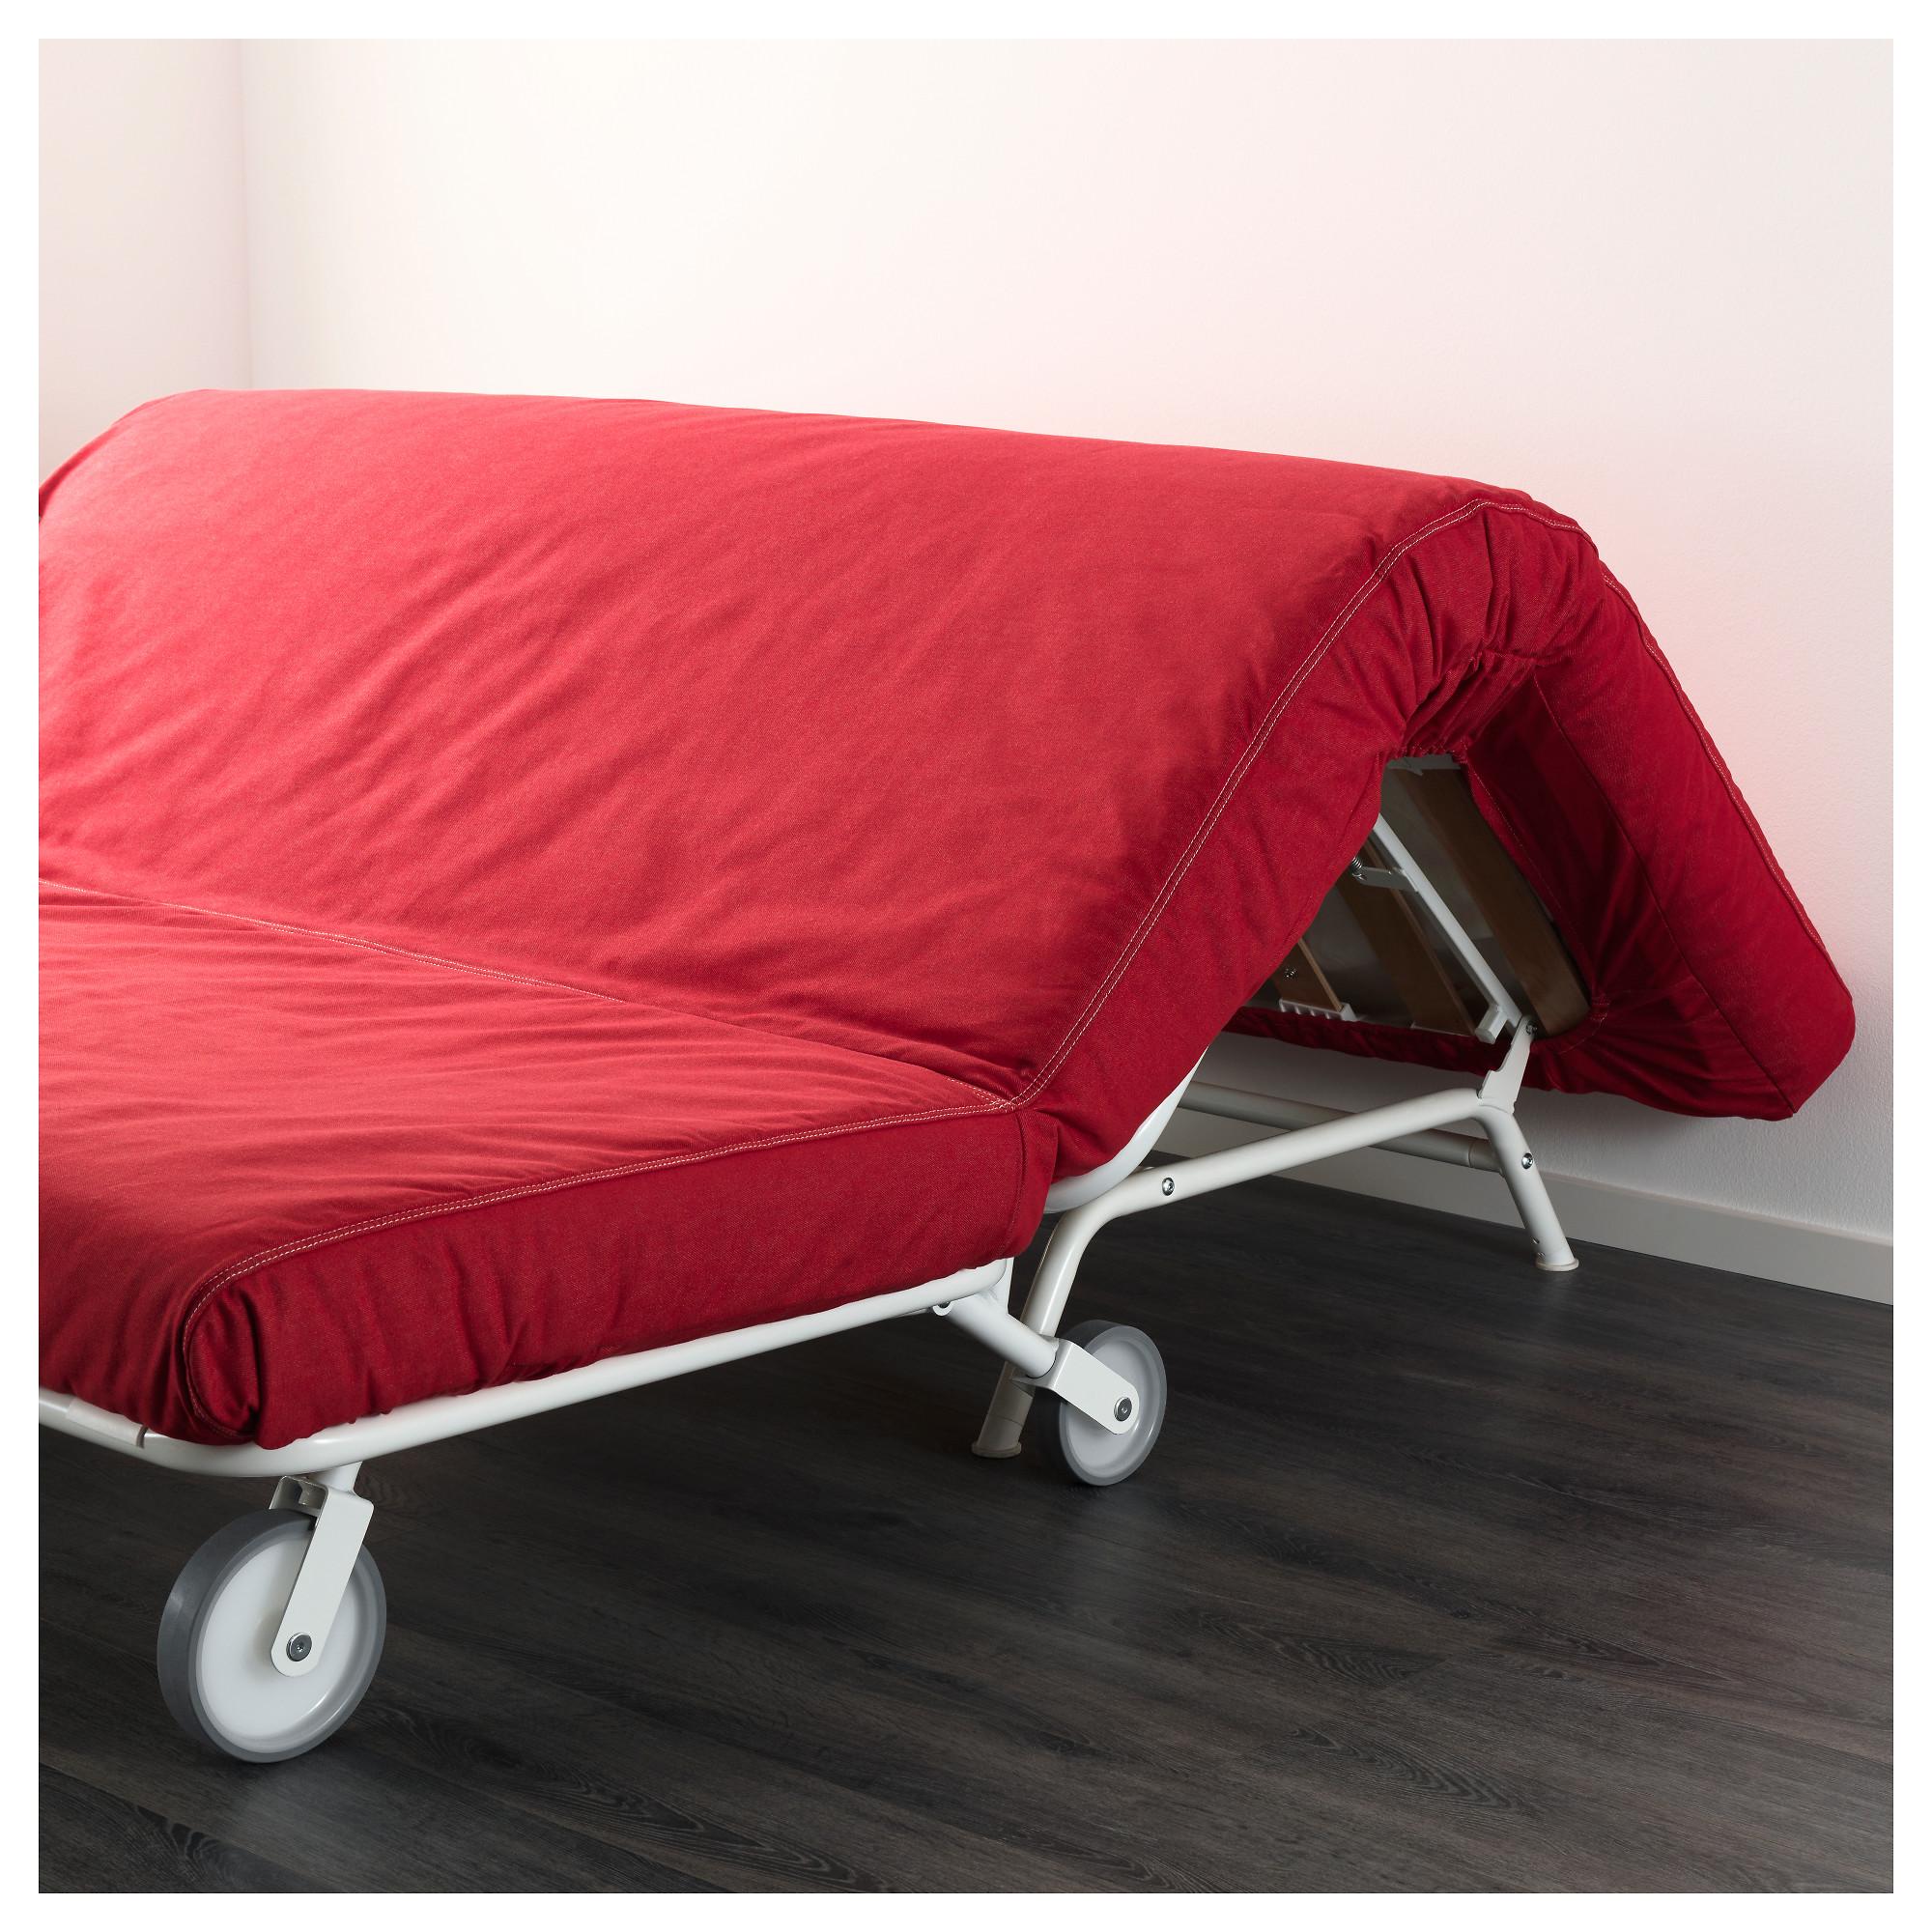 купить 2 местный диван кровать икеапс мурбо ванста красный в Ikea